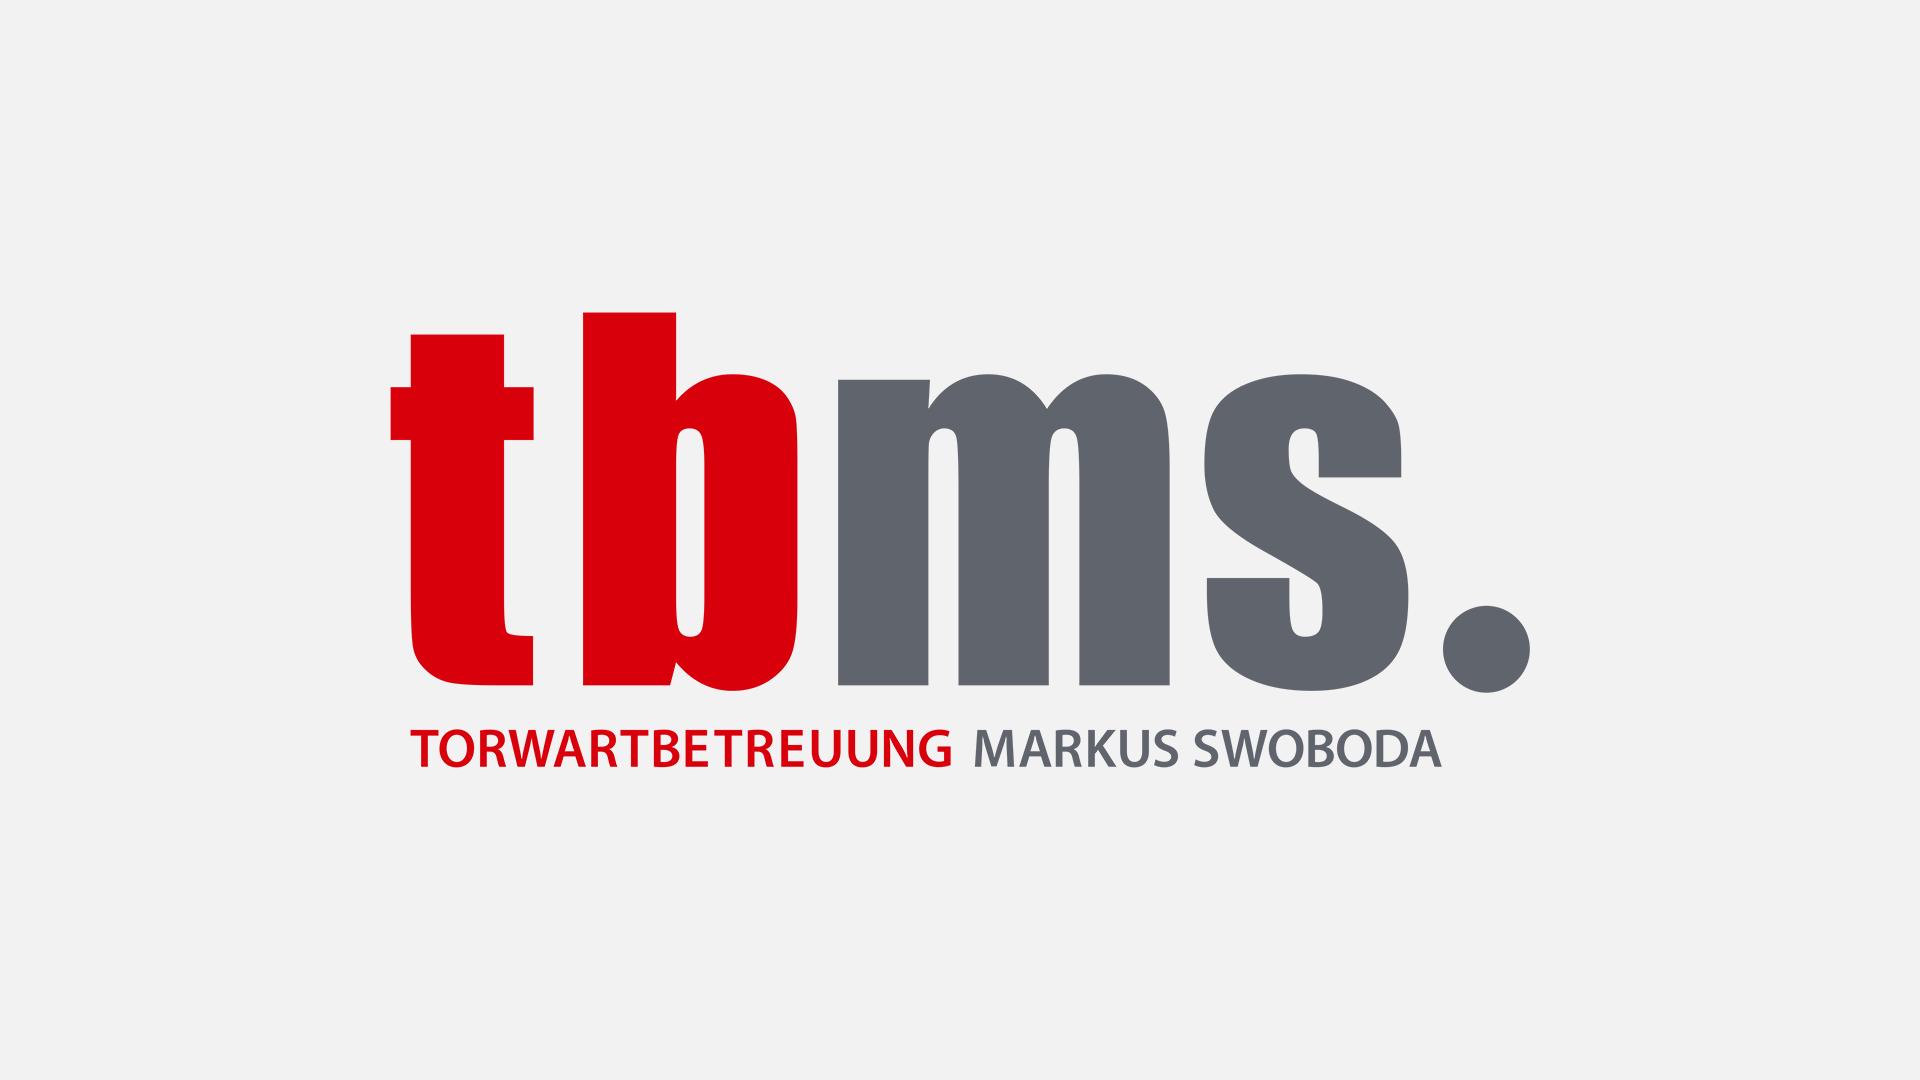 Torwartbetreuung Markus Swoboda